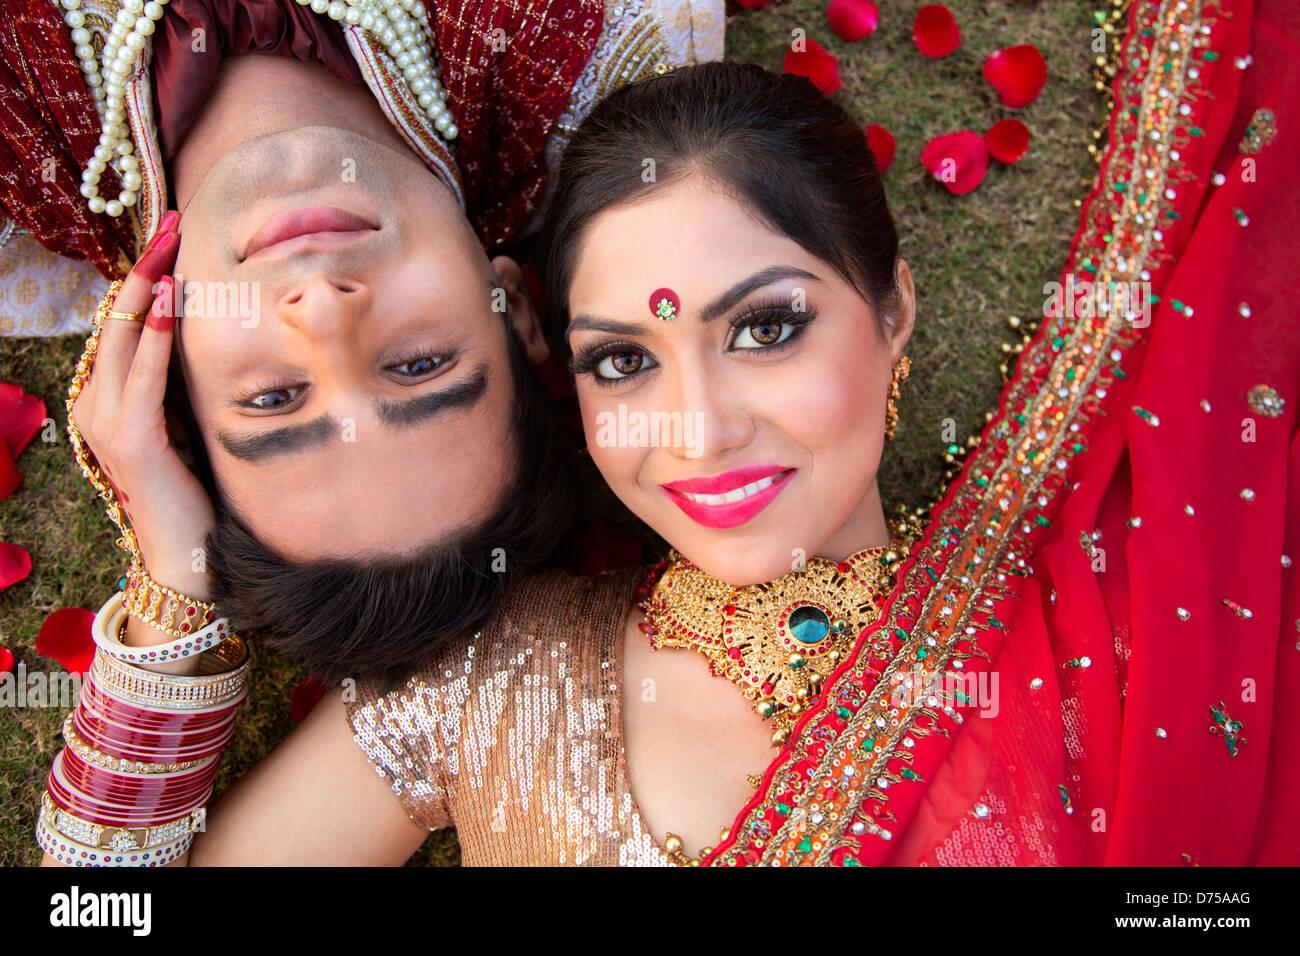 Ausgezeichnet Indian Brautkleider Für Die Braut Und Bräutigam Bilder ...